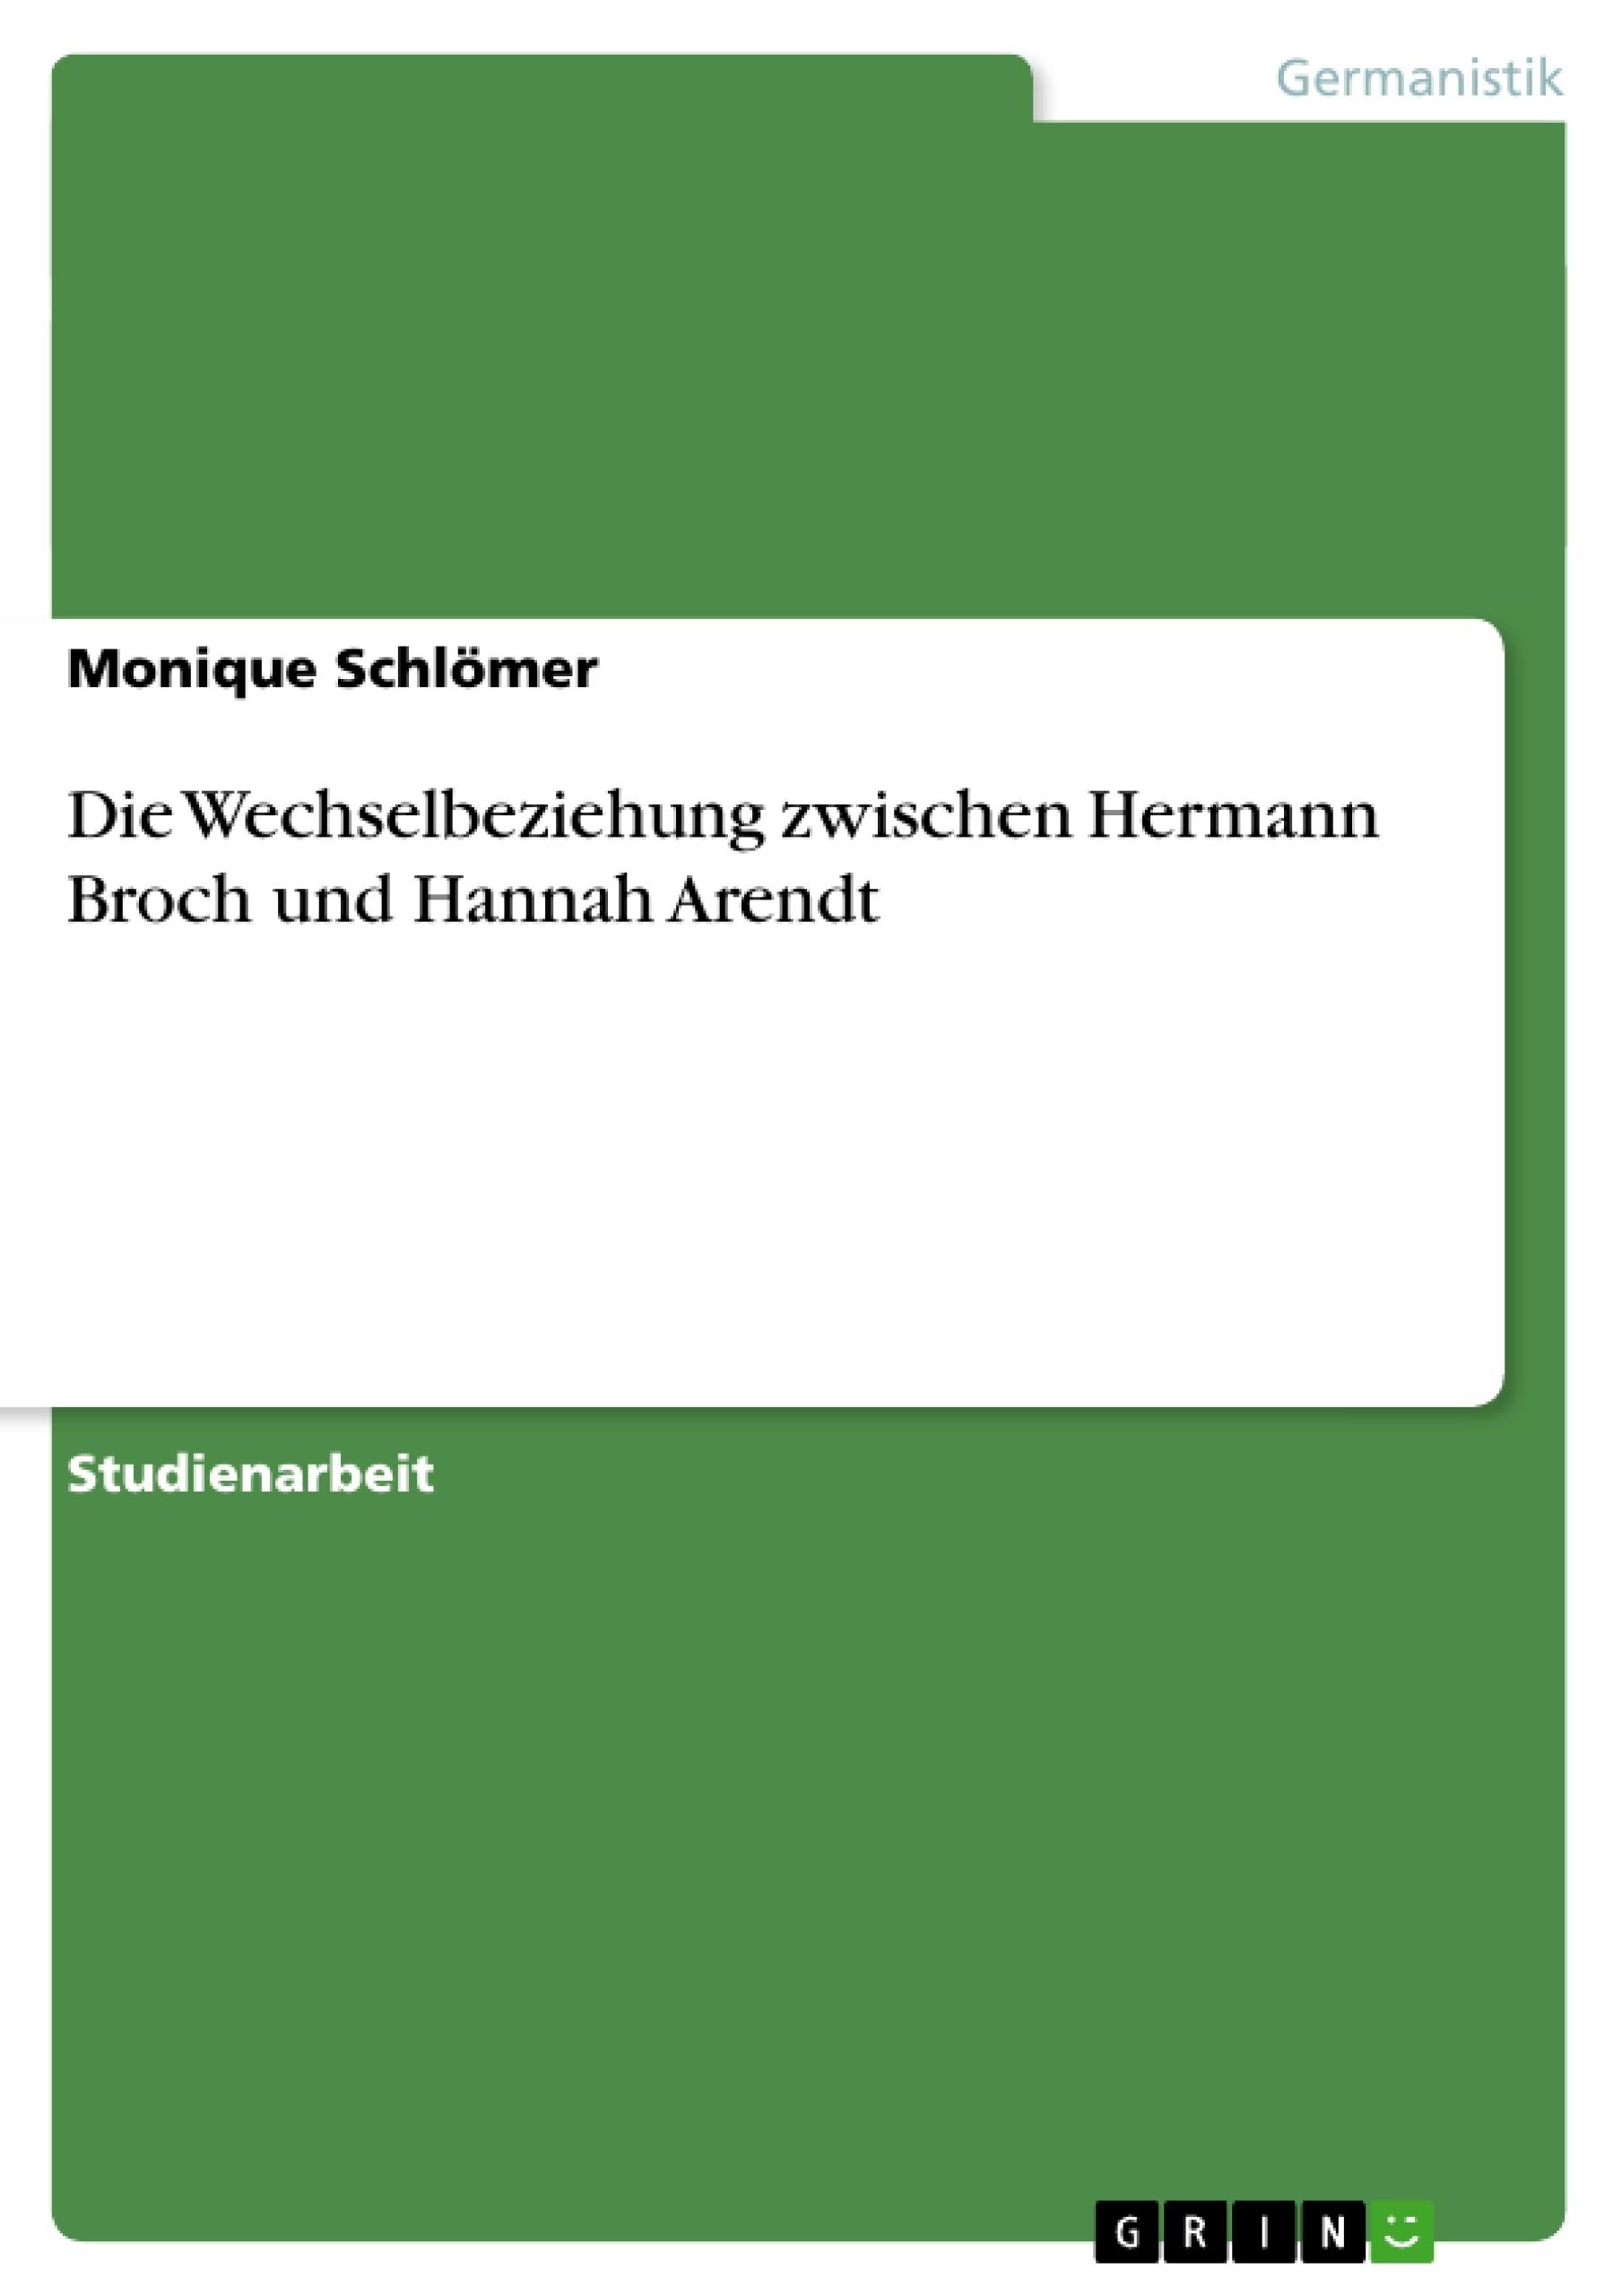 Titel: Die Wechselbeziehung zwischen Hermann Broch und Hannah Arendt